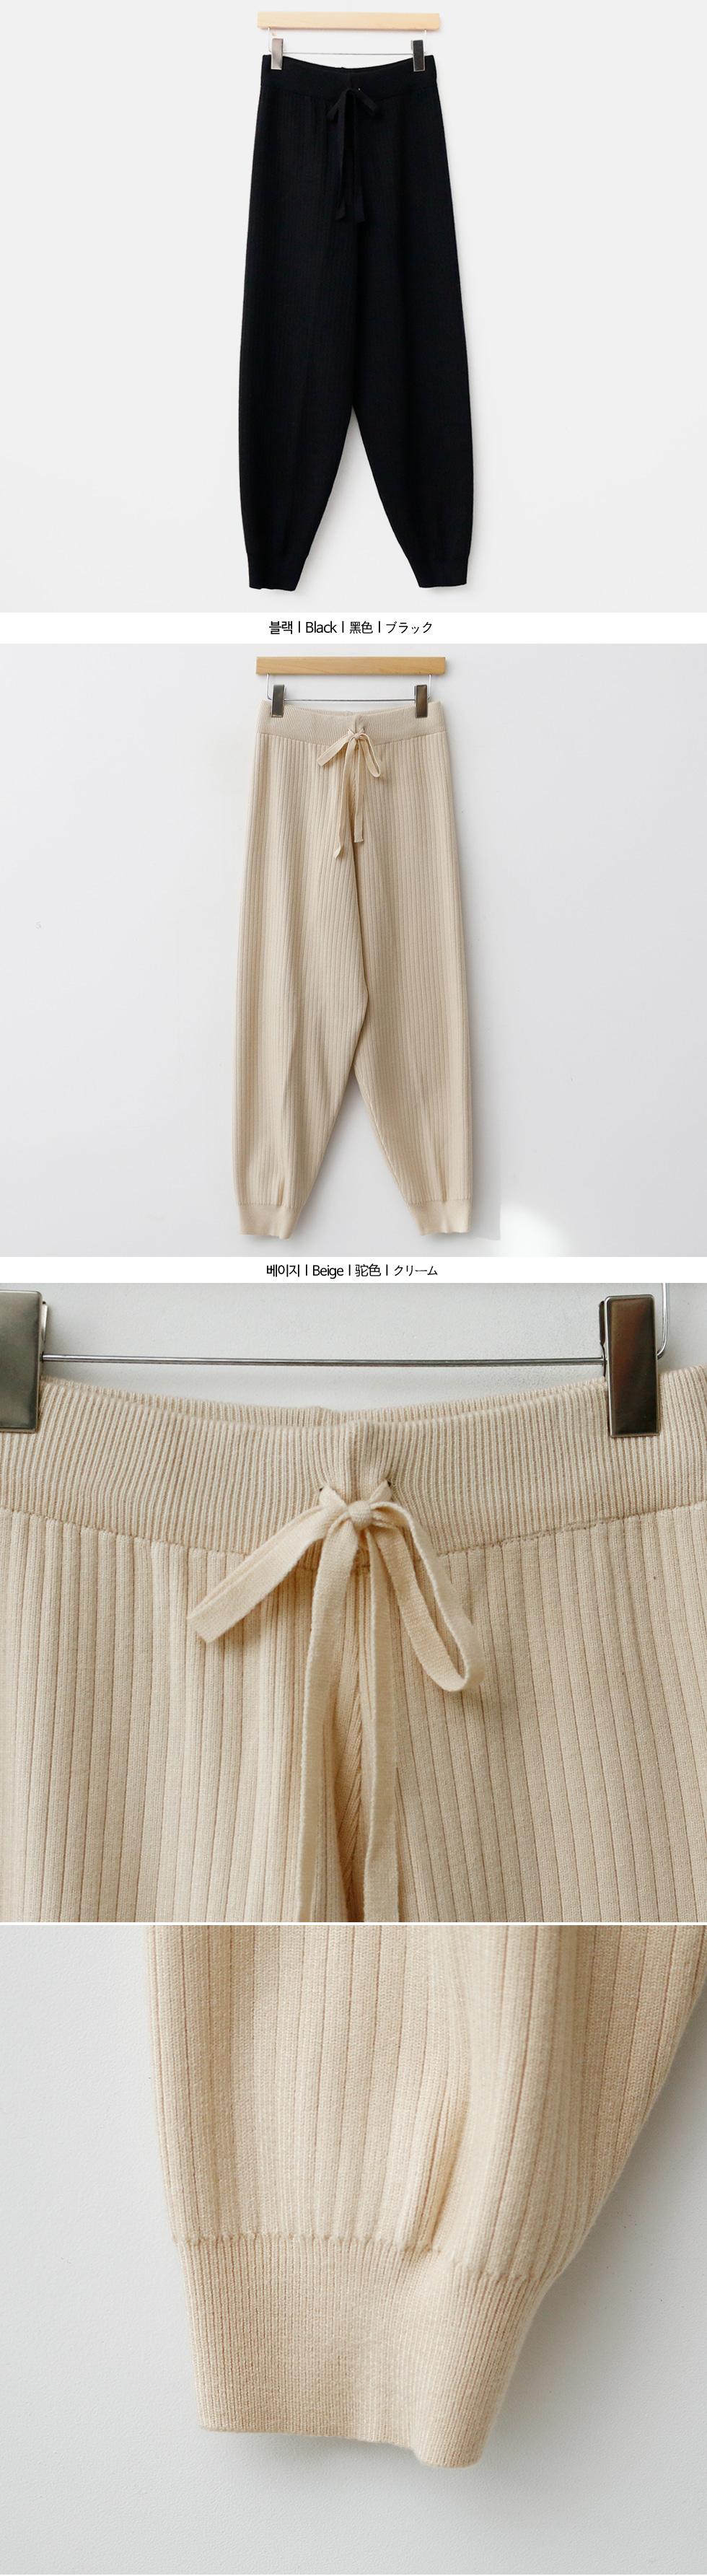 Daily Knitwear Jogger Pants